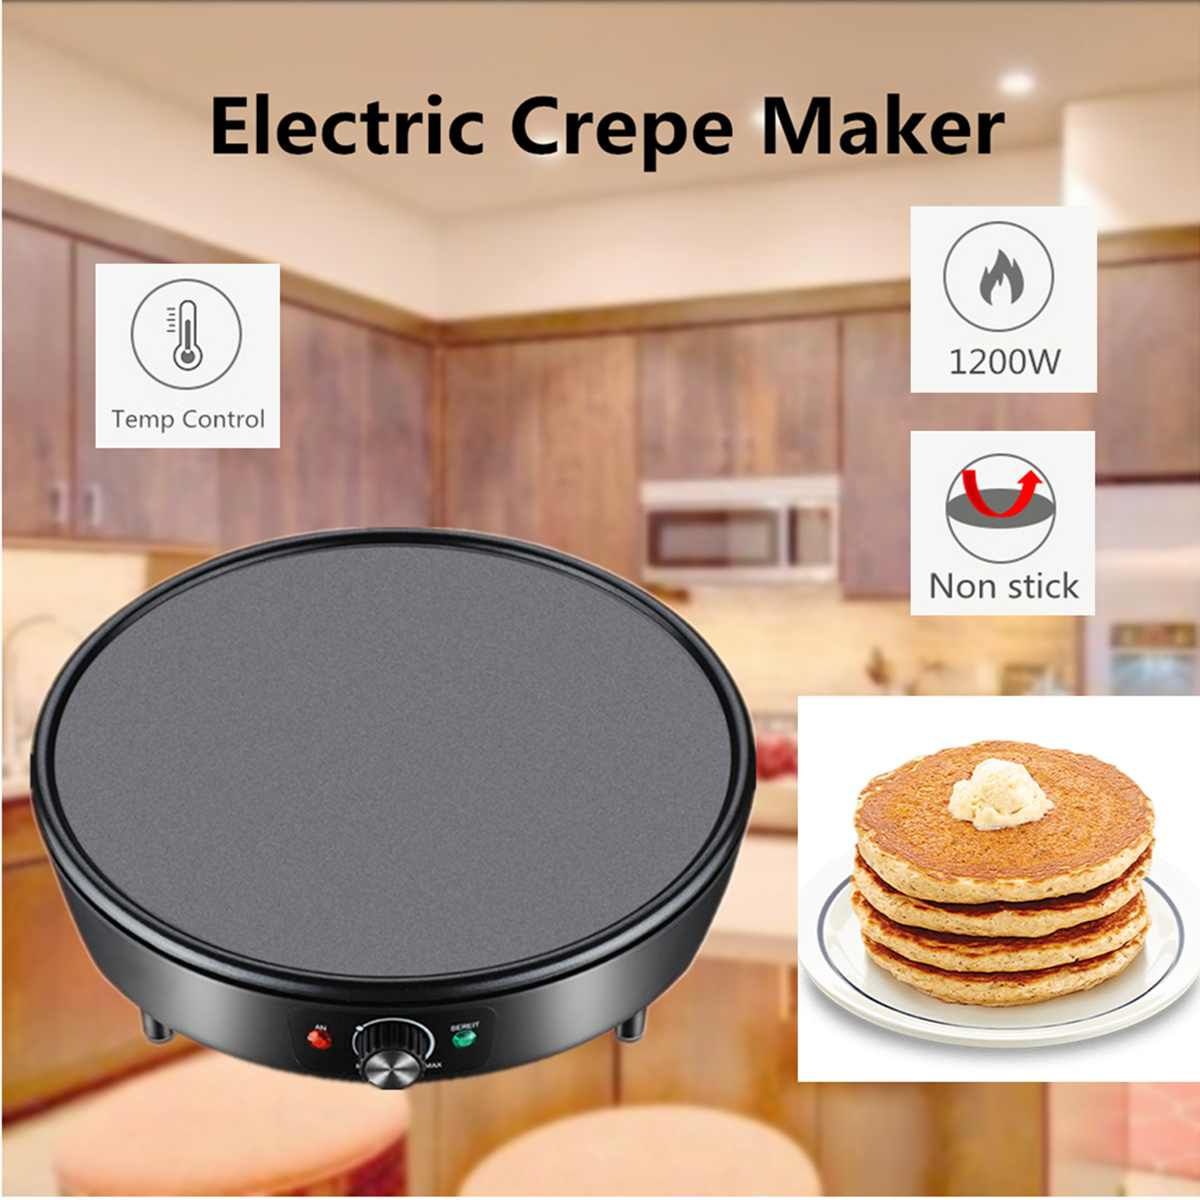 1200 W électrique crêpière Pizza crêpe Machine antiadhésive plaque de cuisson plaque de cuisson gâteau machine cuisine outils de cuisson Dessert faisant